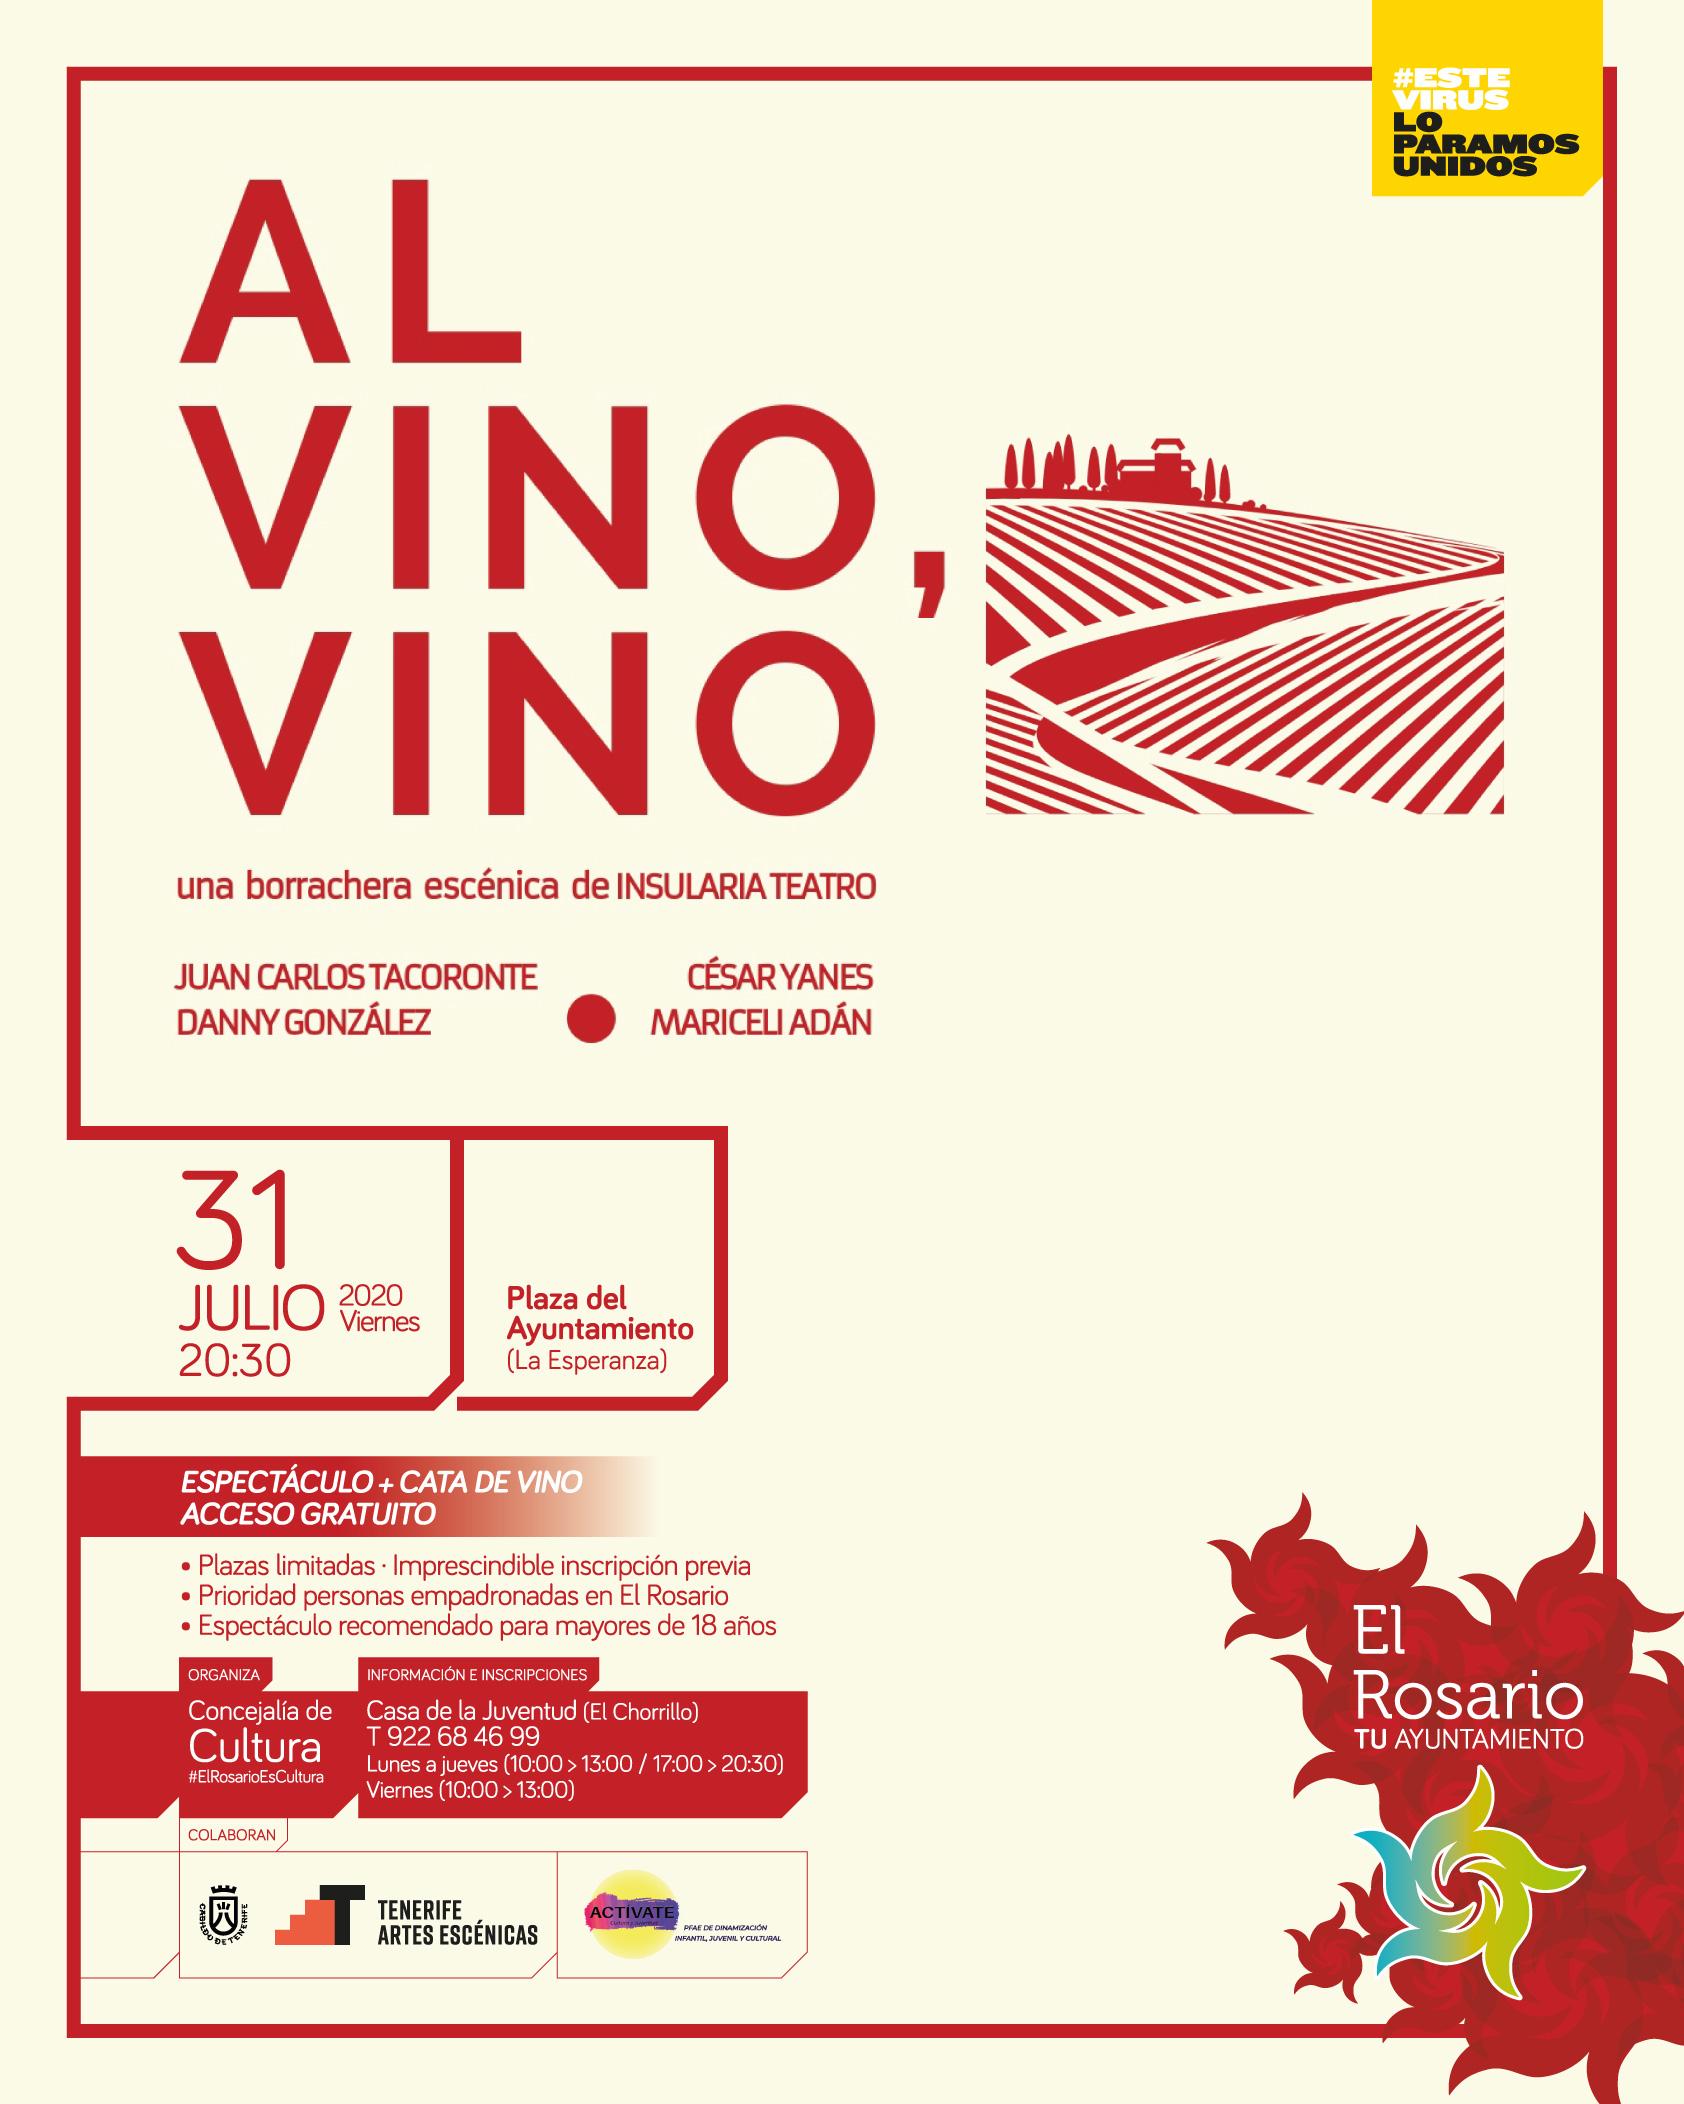 AL_VINO_VINO-20200731-CARTEL_A3-20200722-01af-redes